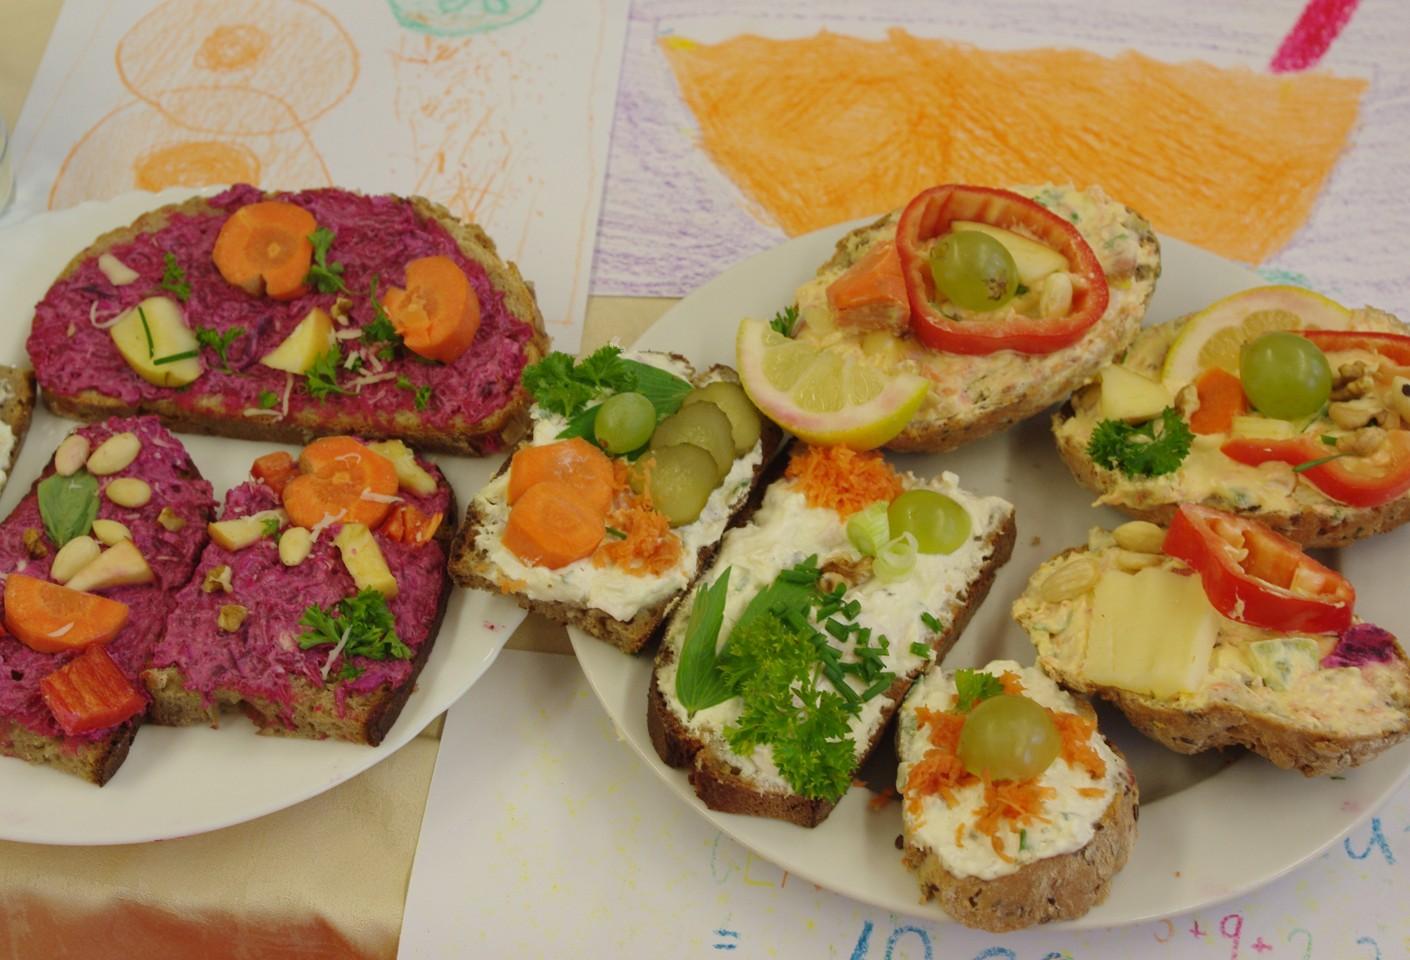 Zdravá strava do škol učí děti zdravě jíst